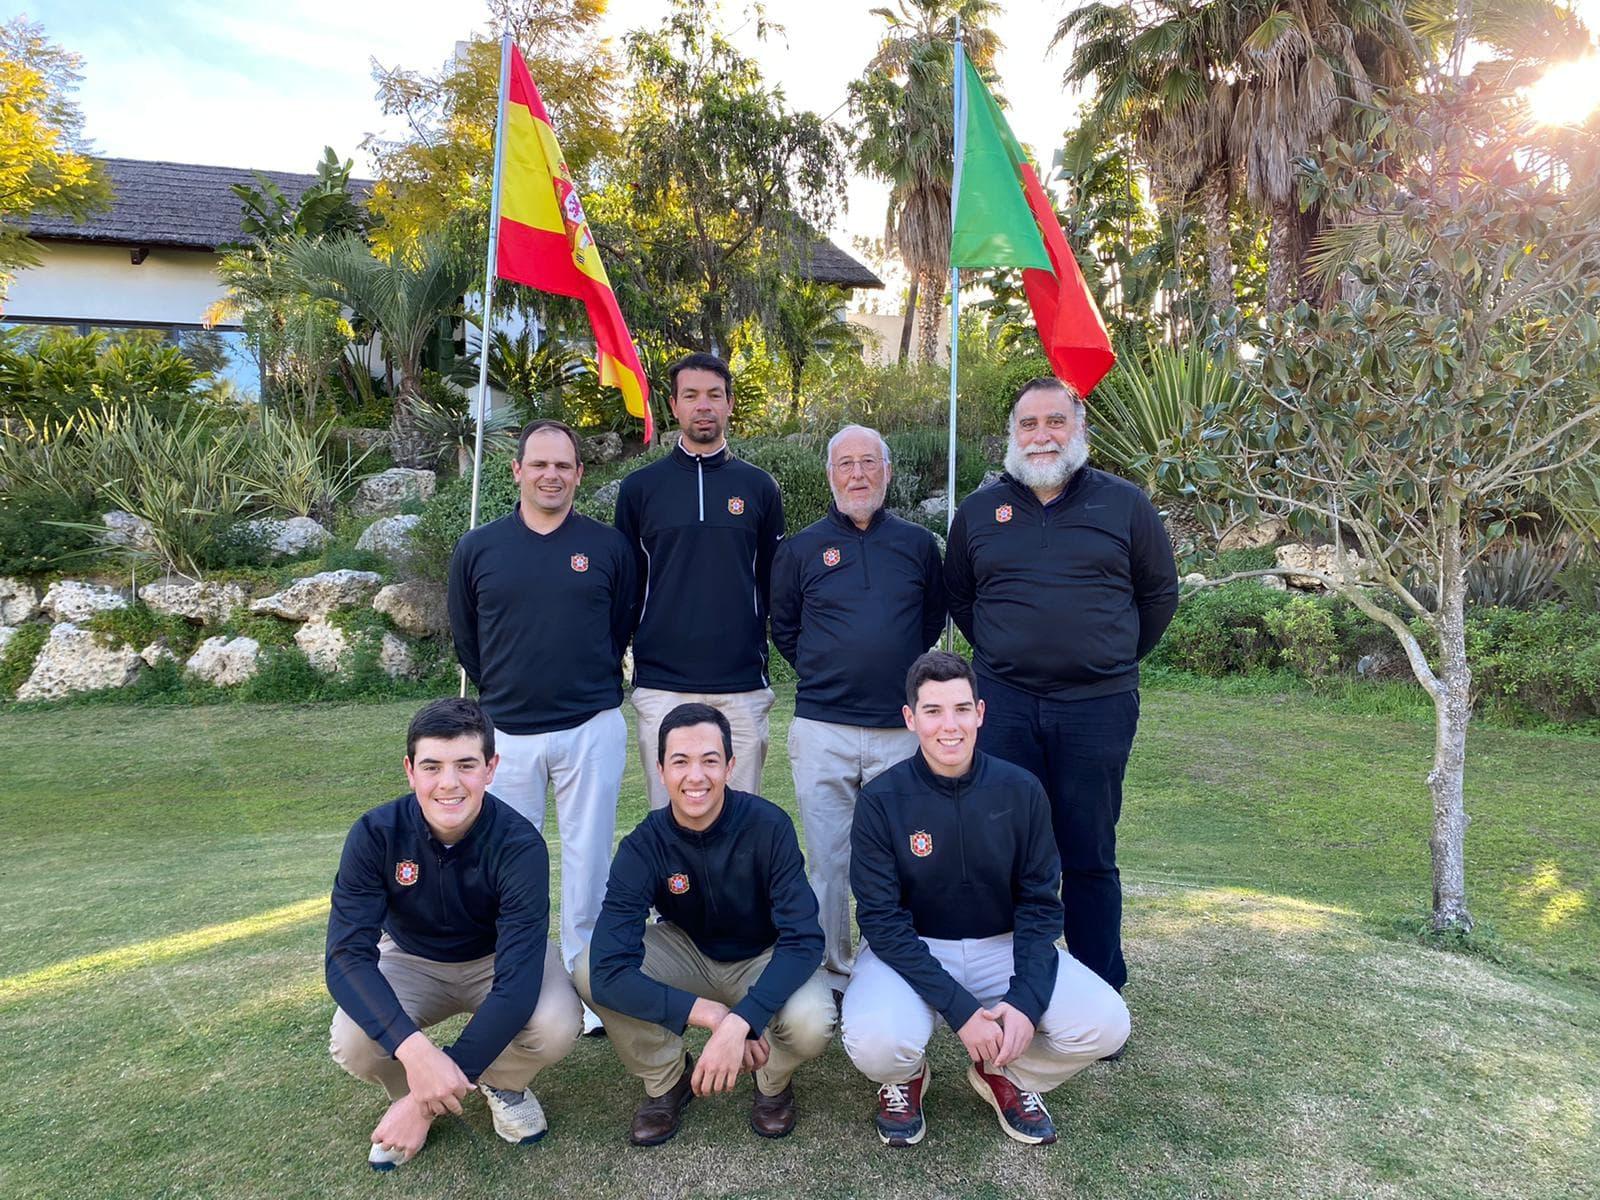 X 'Match' Espanha-Portugal – Seleção nacional perde em Huelva mas bate par campeão mundial